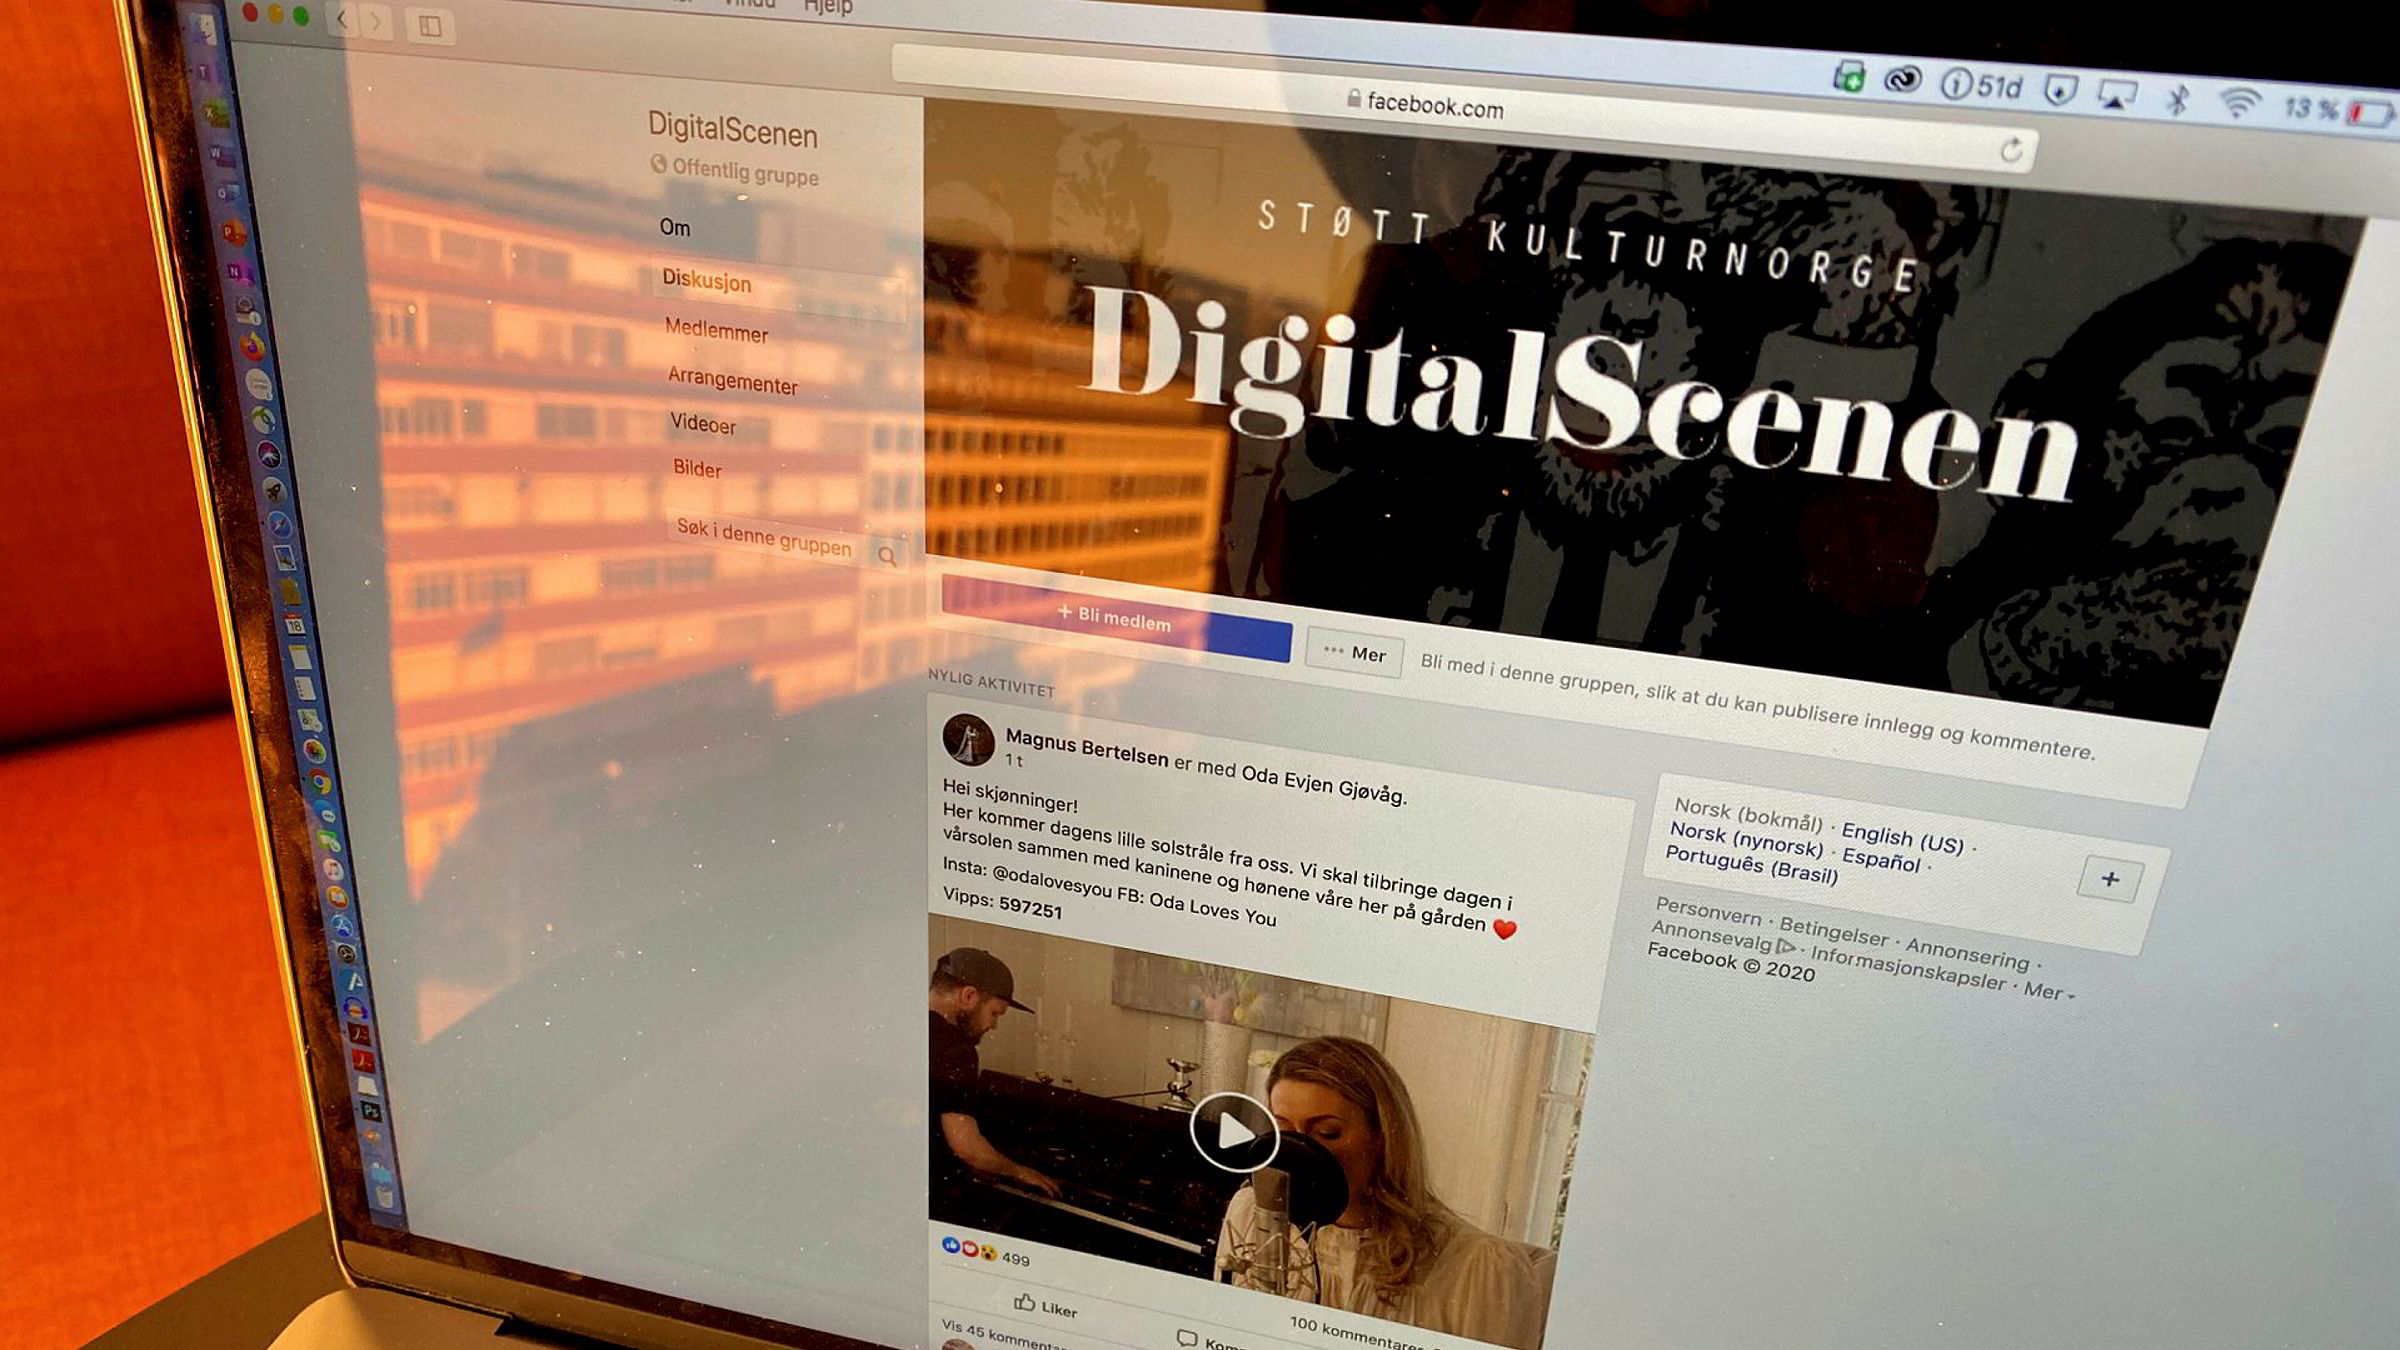 Digitale «scener» som Brakkesyke 2020, Digitalscenen og Dugnad åpner for artister som står uten inntekt. Det er bare å koble til et sett høyttalere, svinge seg på kjøkkengulvet og vippse penger, skriver Anne Worsøe.